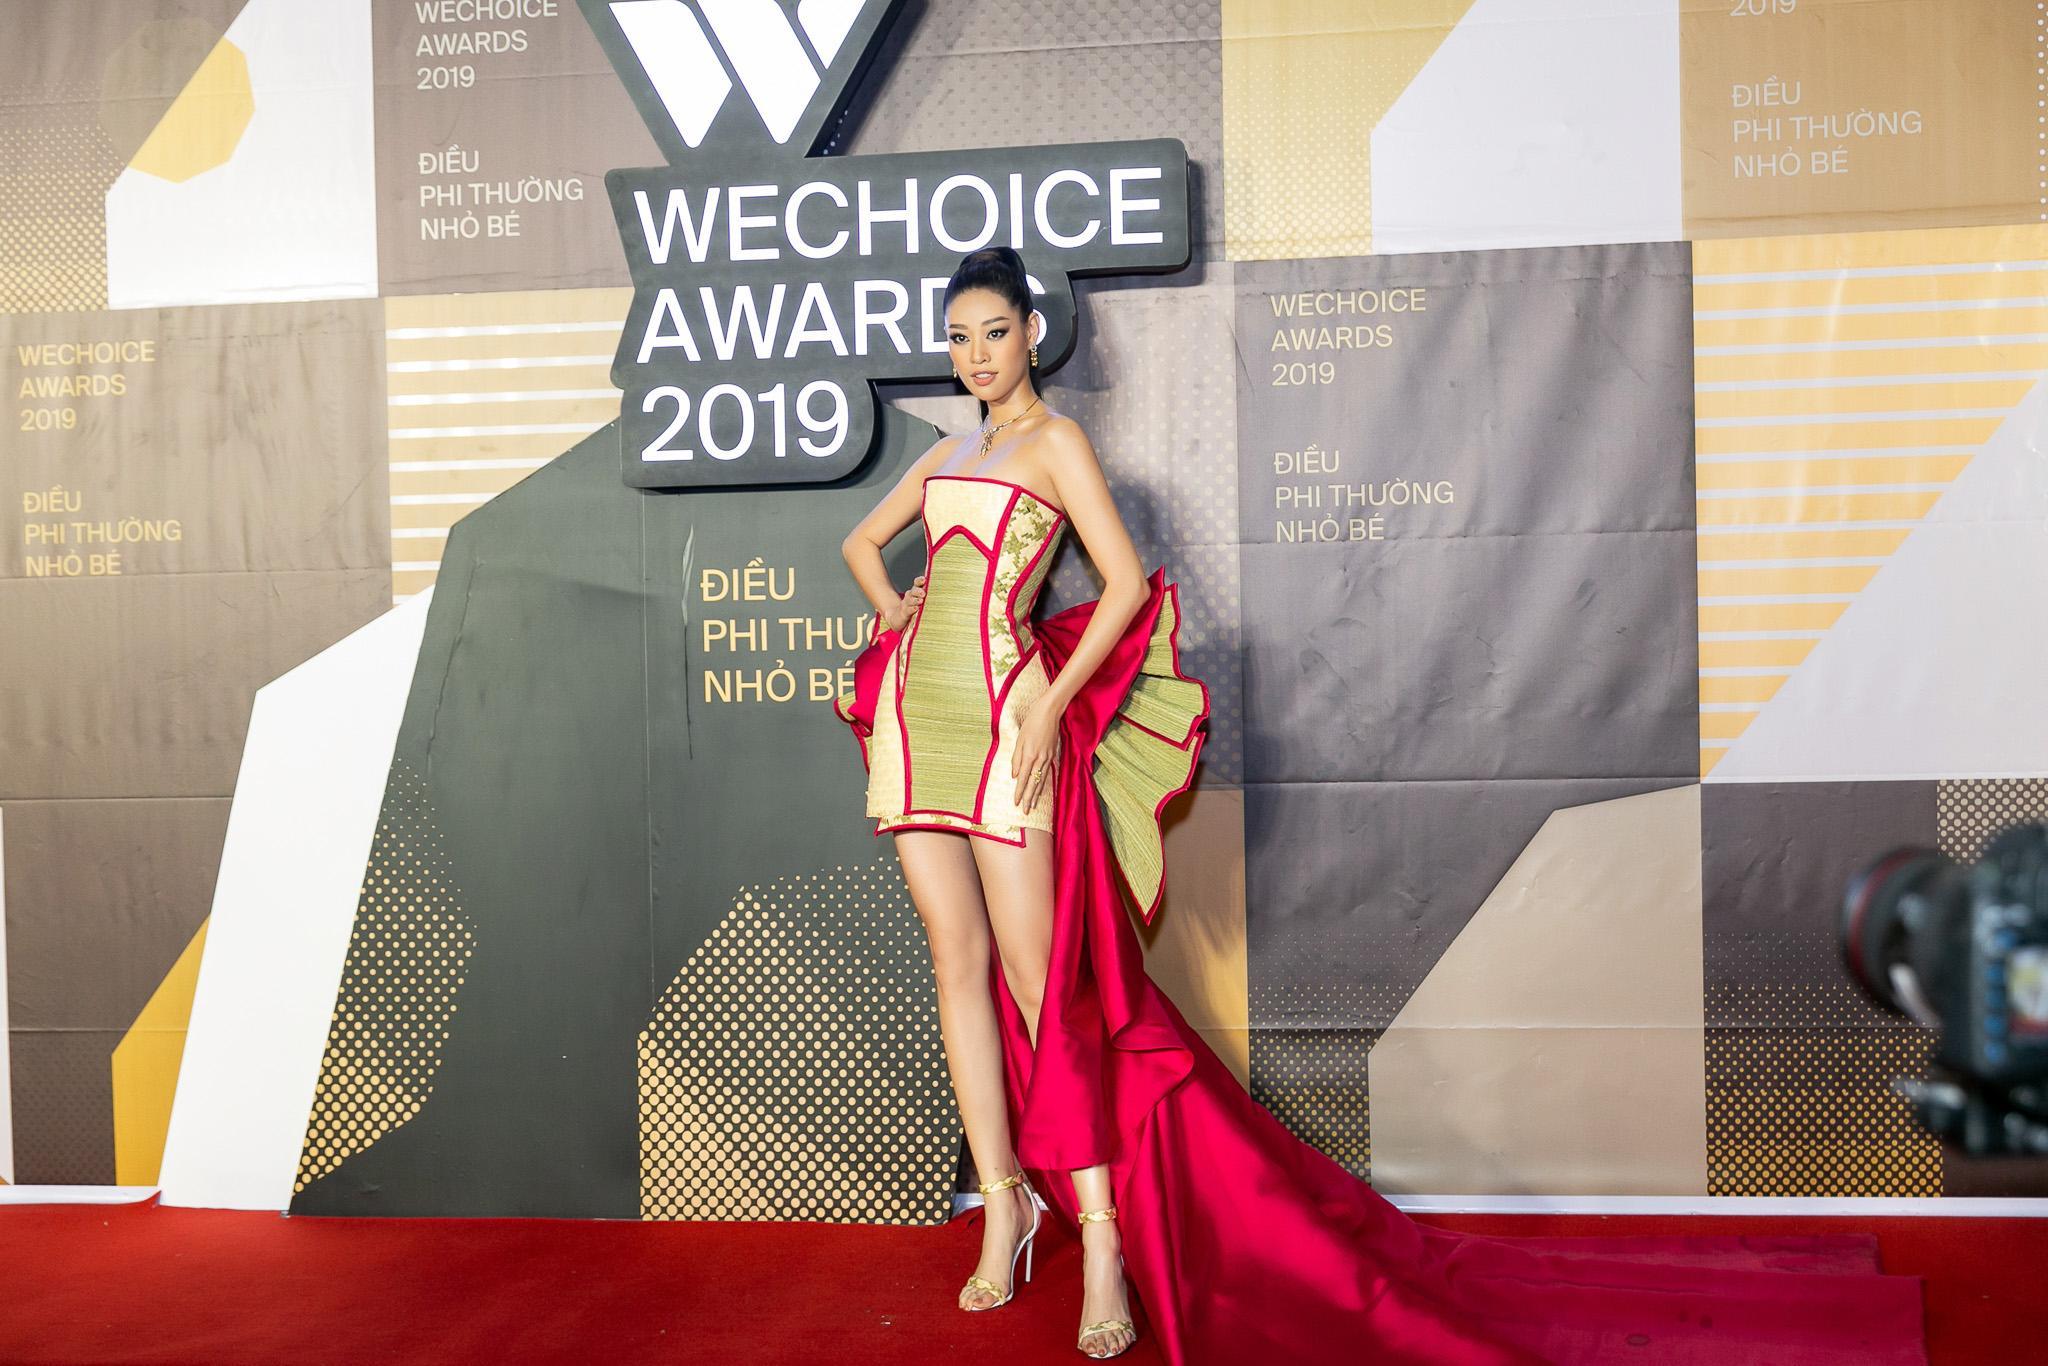 Hiện, Hoa hậu Khánh Vân cùng tổ chức Hoa hậu Hoàn vũ Việt Nam đang thực hiện nhiều chương trình, dự án hướng về cộng đồng, xã hội nhân dịp Xuân Canh Tý 2020, sau đó cô sẽ bắt đầu vào chương trình rèn luyện chuẩn bị cho Miss Universe 2020.